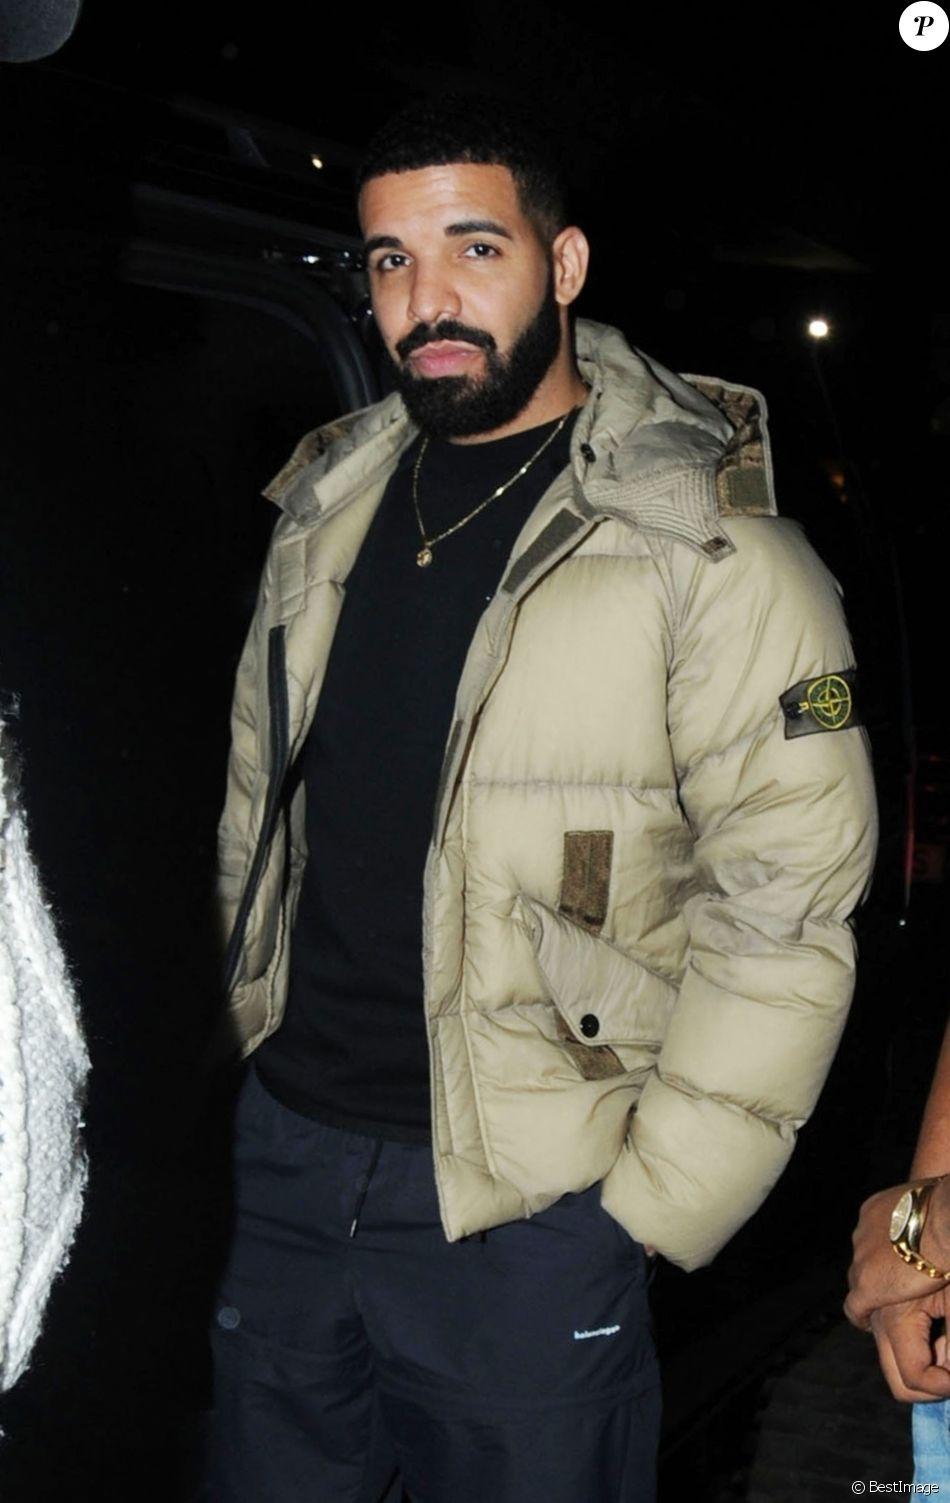 Exclusif - Le rappeur Drake à la sortie du restaurant Chiltern Firehouse avec des amis à Londres, le 15 avril 2018.